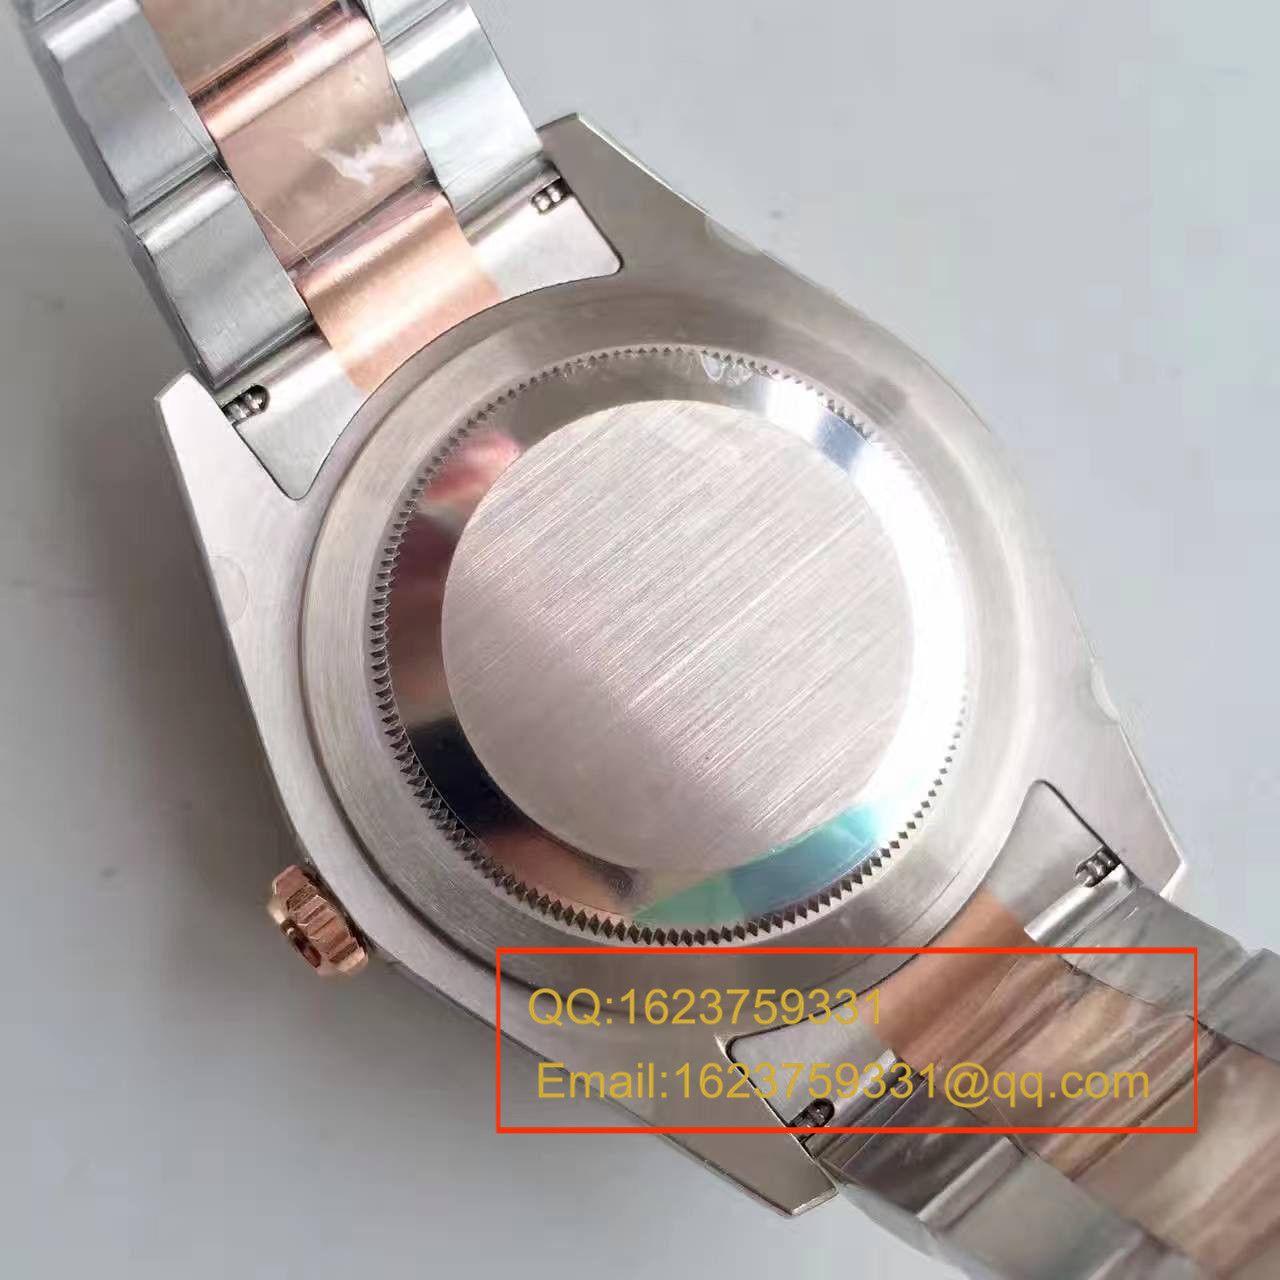 【NOOB厂顶级复刻手表】劳力士日志型系列126301巧克力色盘纪念型表带腕表 / R162